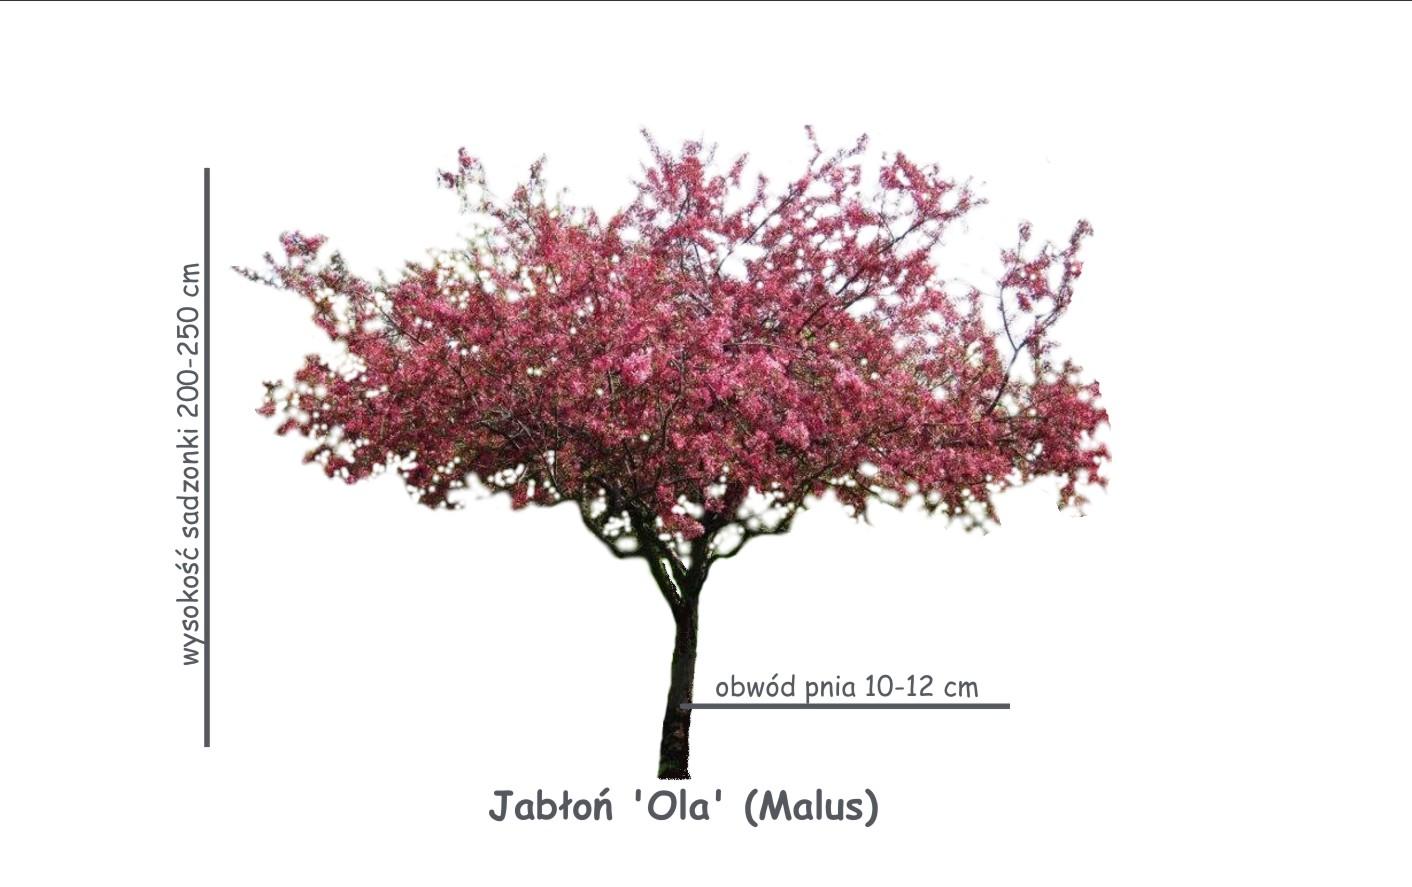 Jabłoń Ola (Malus) obwód pnia 10-12 cm, wysokość 200-250 cm.